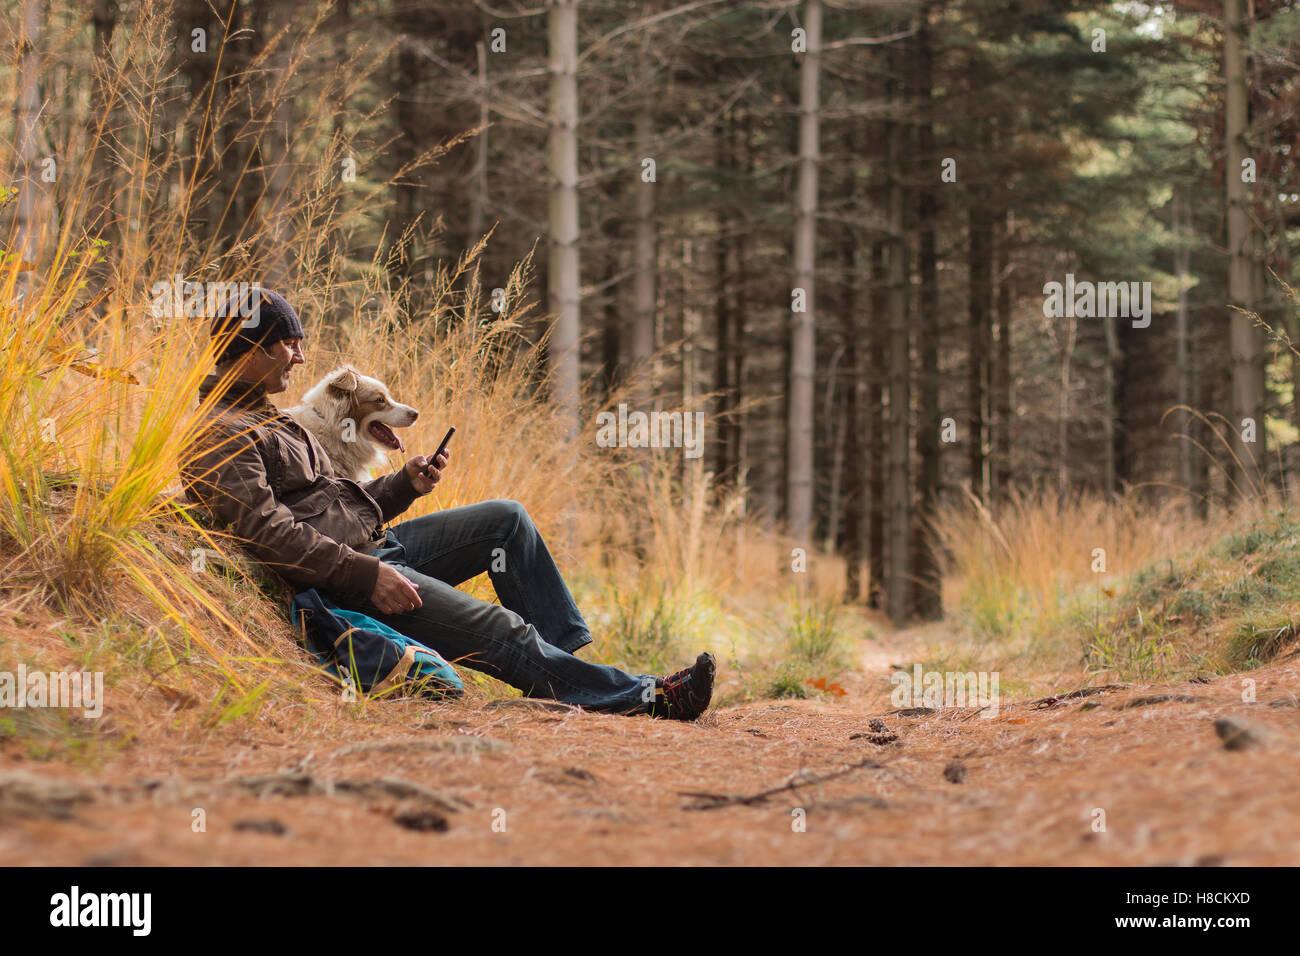 Un hombre y un perro senderismo en el bosque mirando el teléfono perros sentados en un sendero del bosque en Imagen De Stock